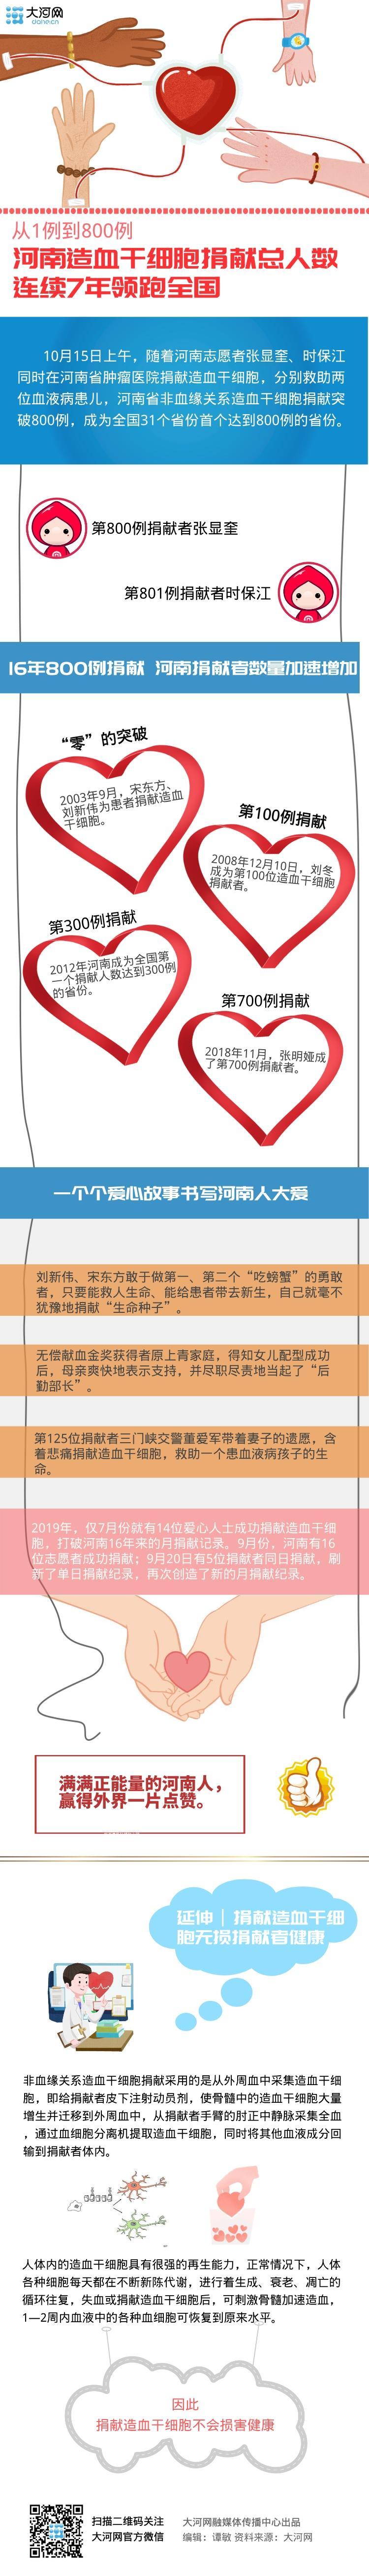 大河网图解丨从1例到800例 河南造血干细胞捐献总人数连续7年领跑